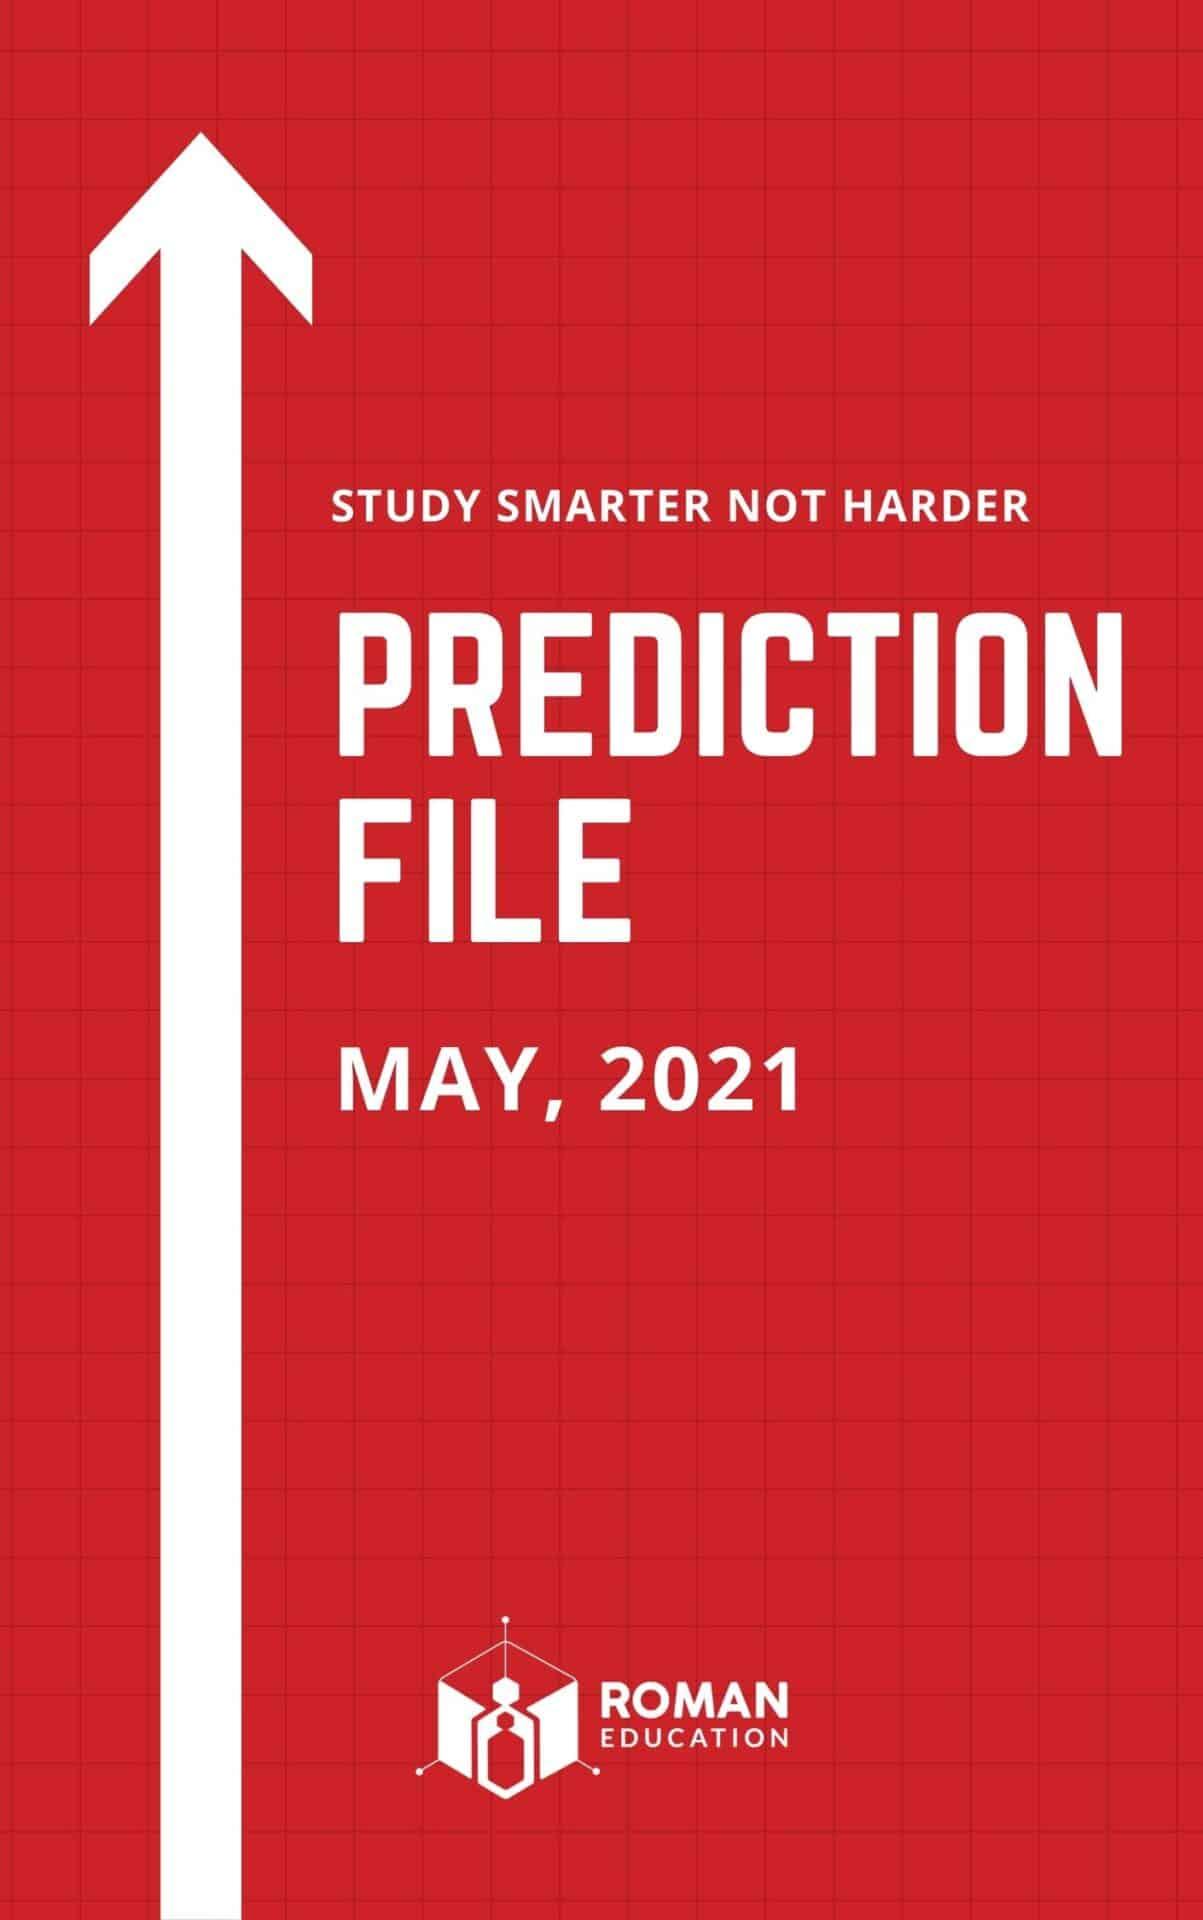 Prediction file May